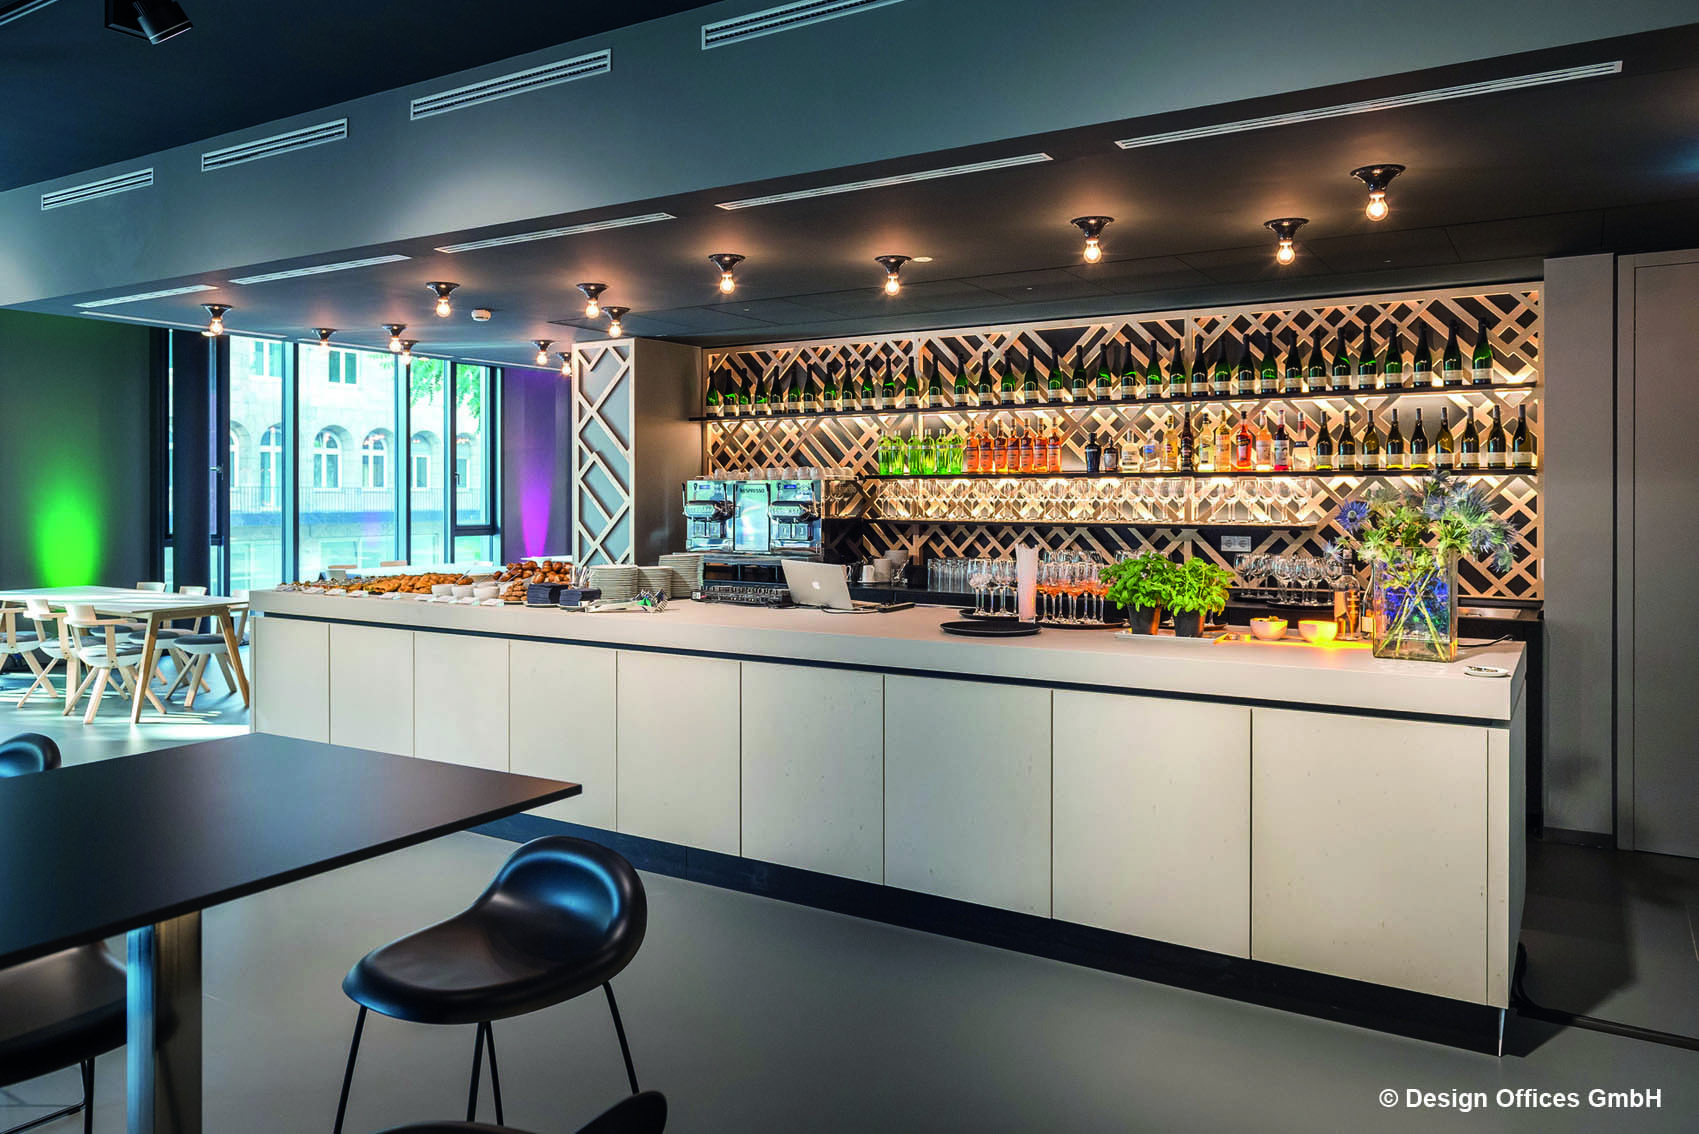 design offices stuttgart mitte do eatery mieten in stuttgart. Black Bedroom Furniture Sets. Home Design Ideas